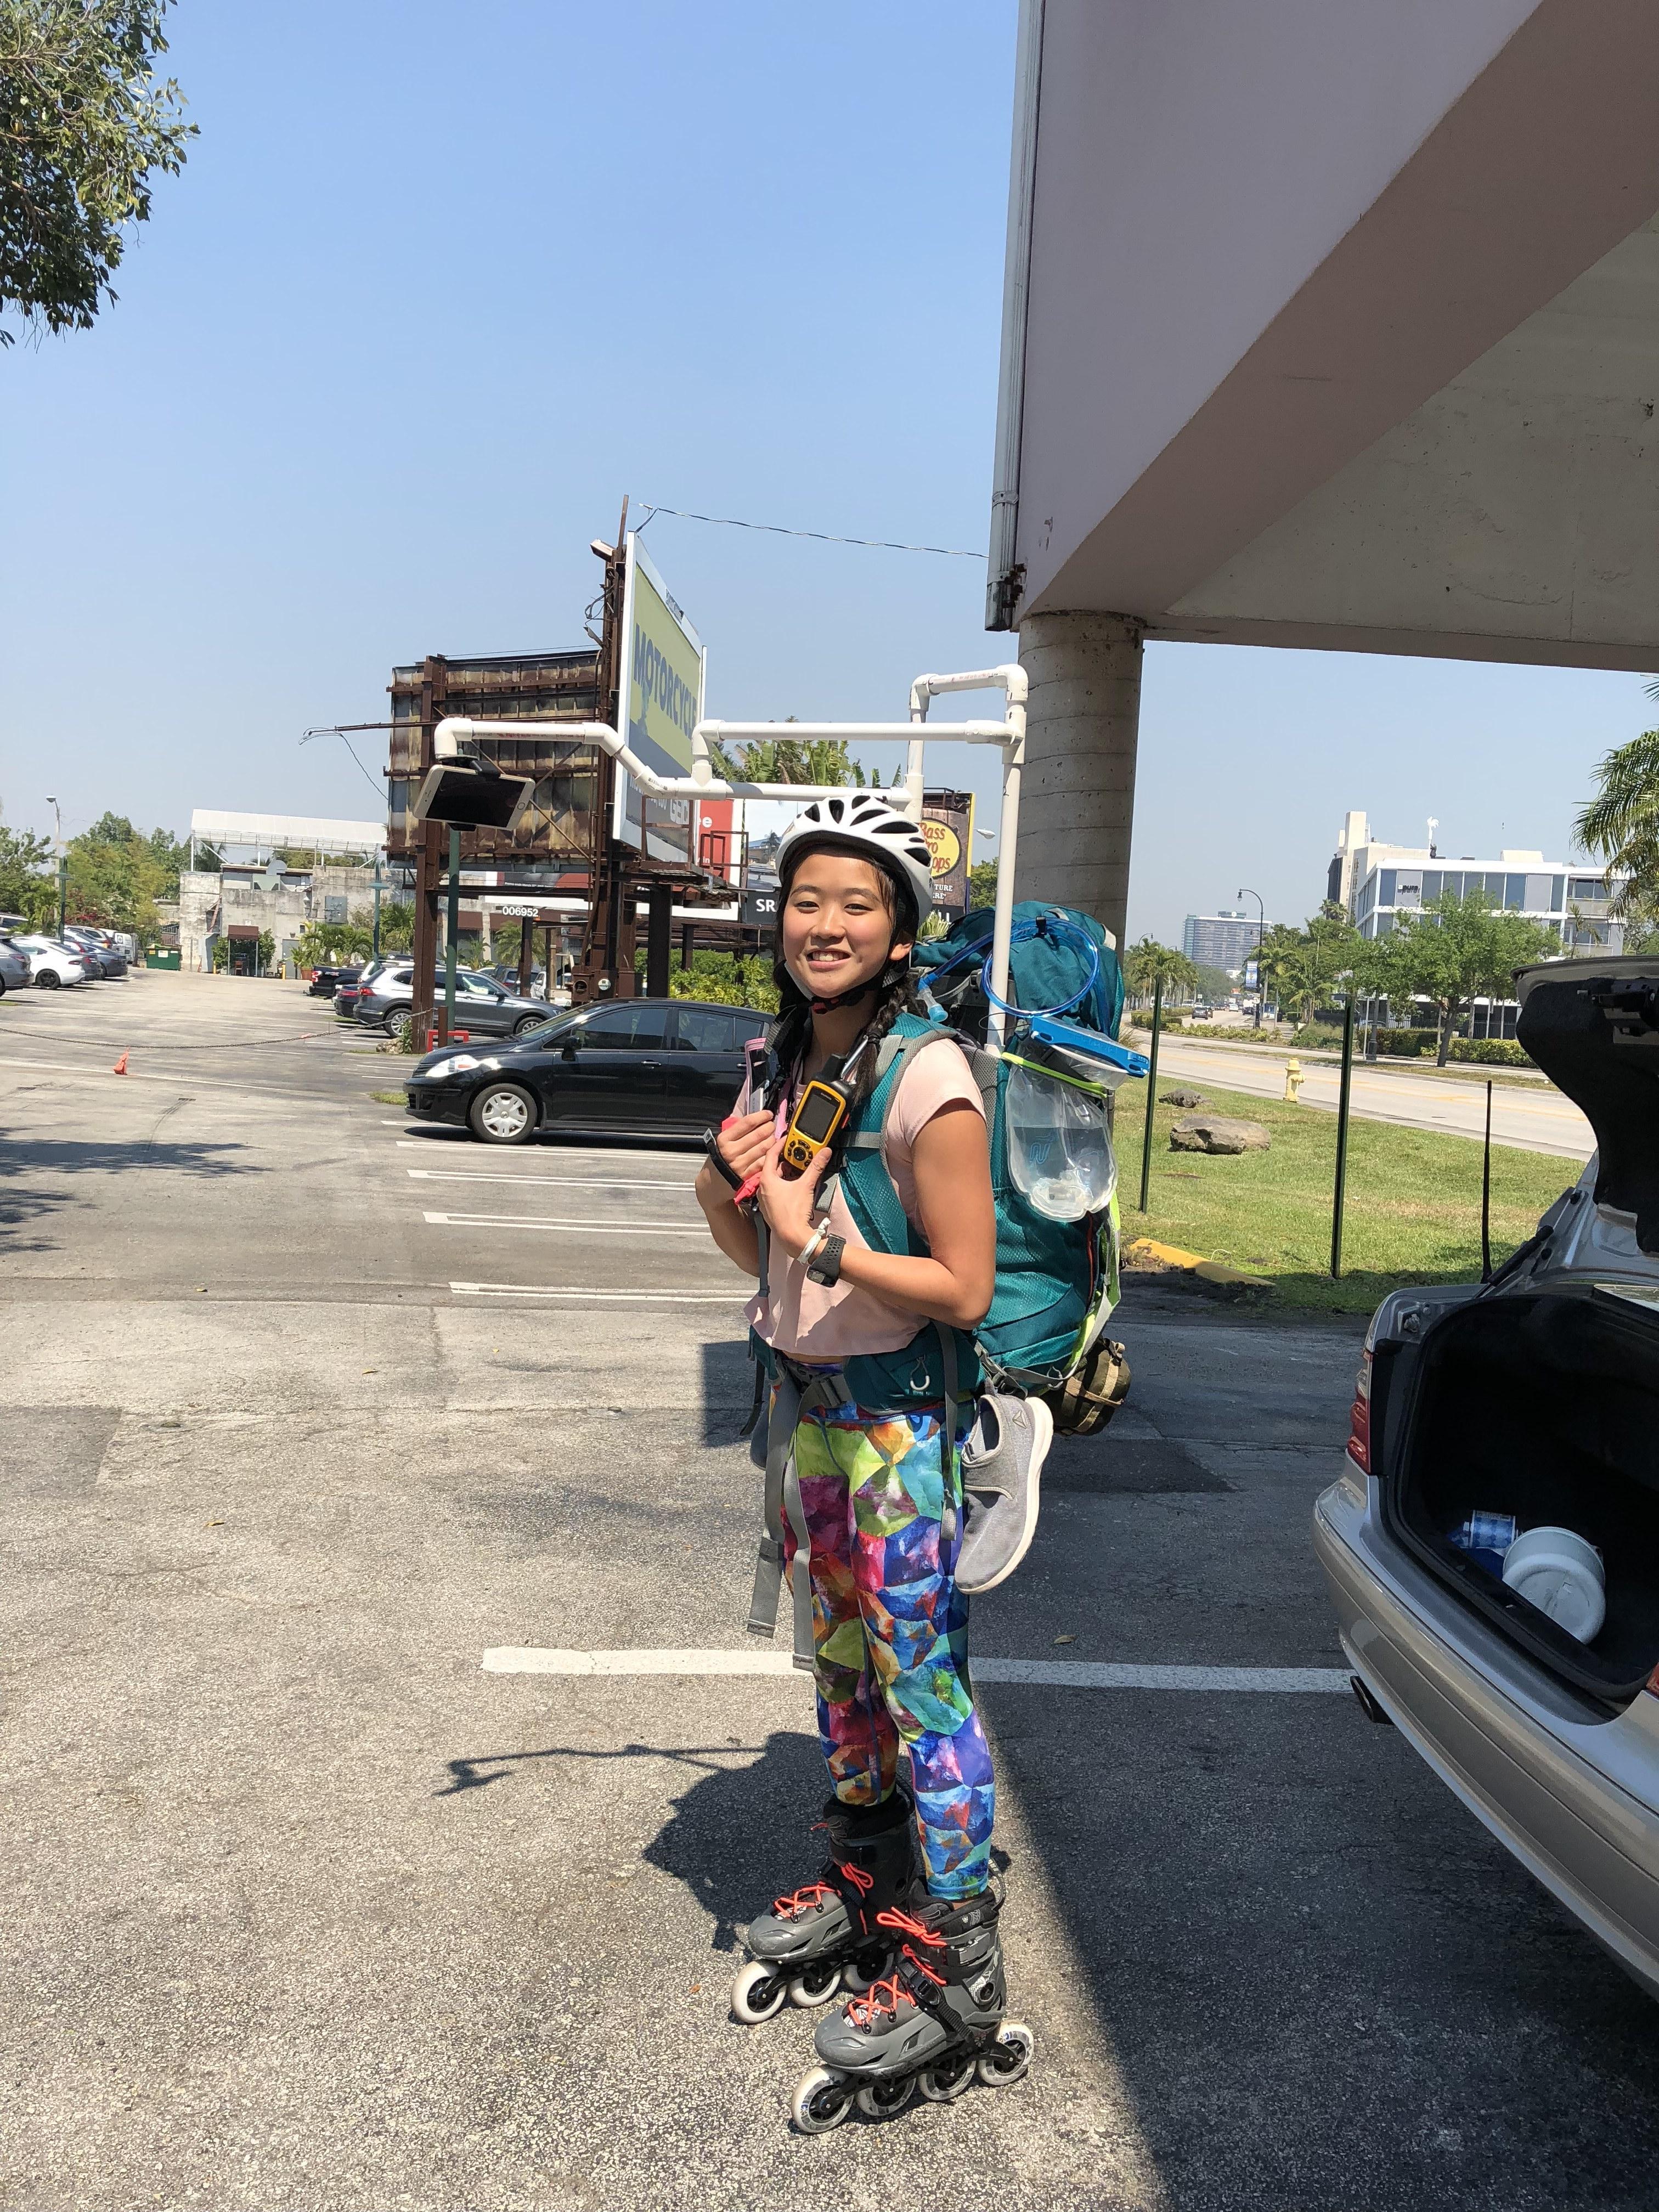 23歲的華裔女孩何易恩(Yanise Ho)正以直排輪滑橫穿全美國,挑戰最長輪滑旅程的金氏世界紀錄。(何易恩提供)